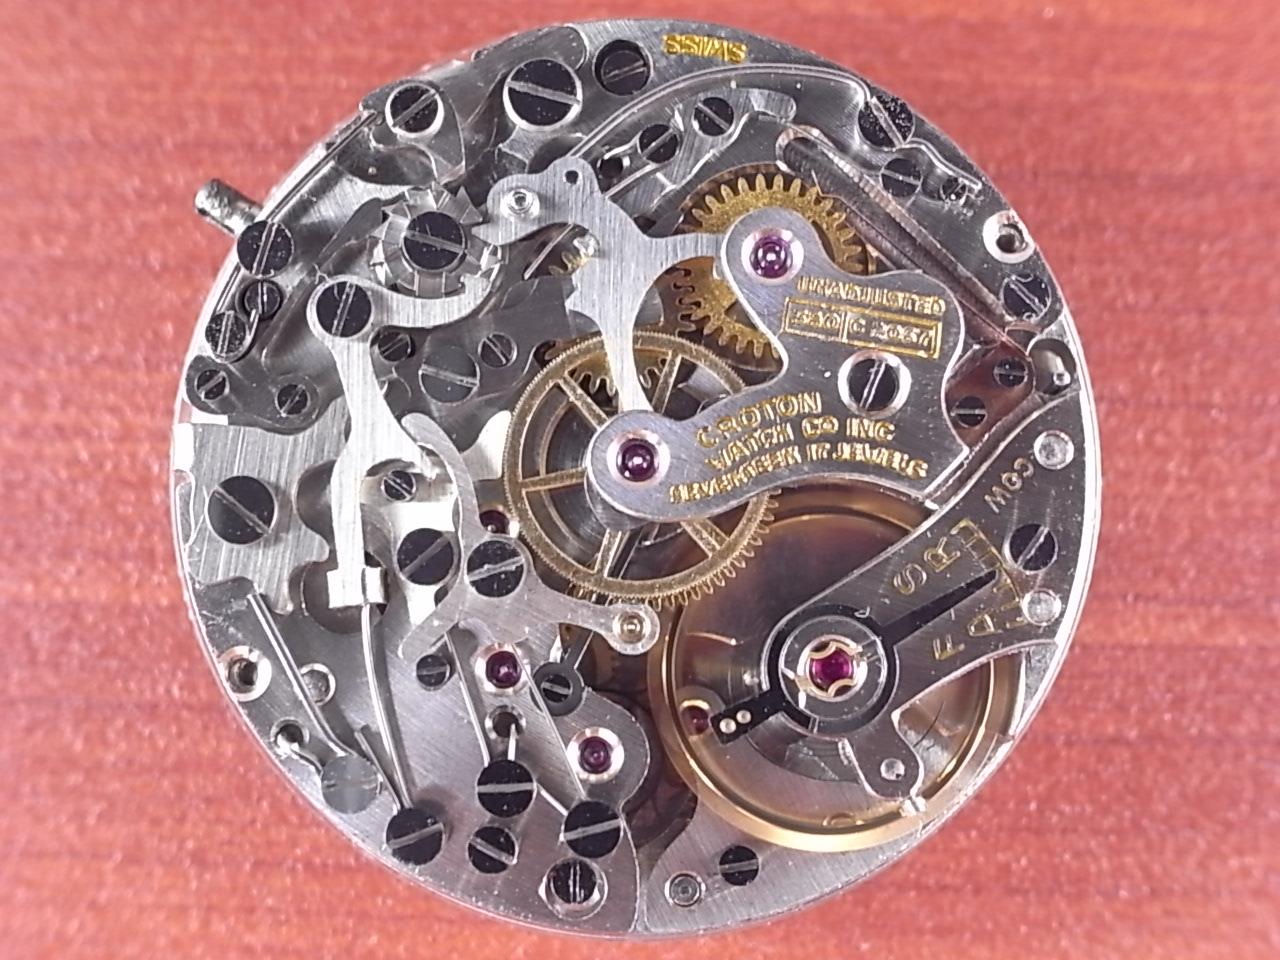 クロトン クロノグラフ バルジュー77 クラムシェルケース 1940年代の写真5枚目